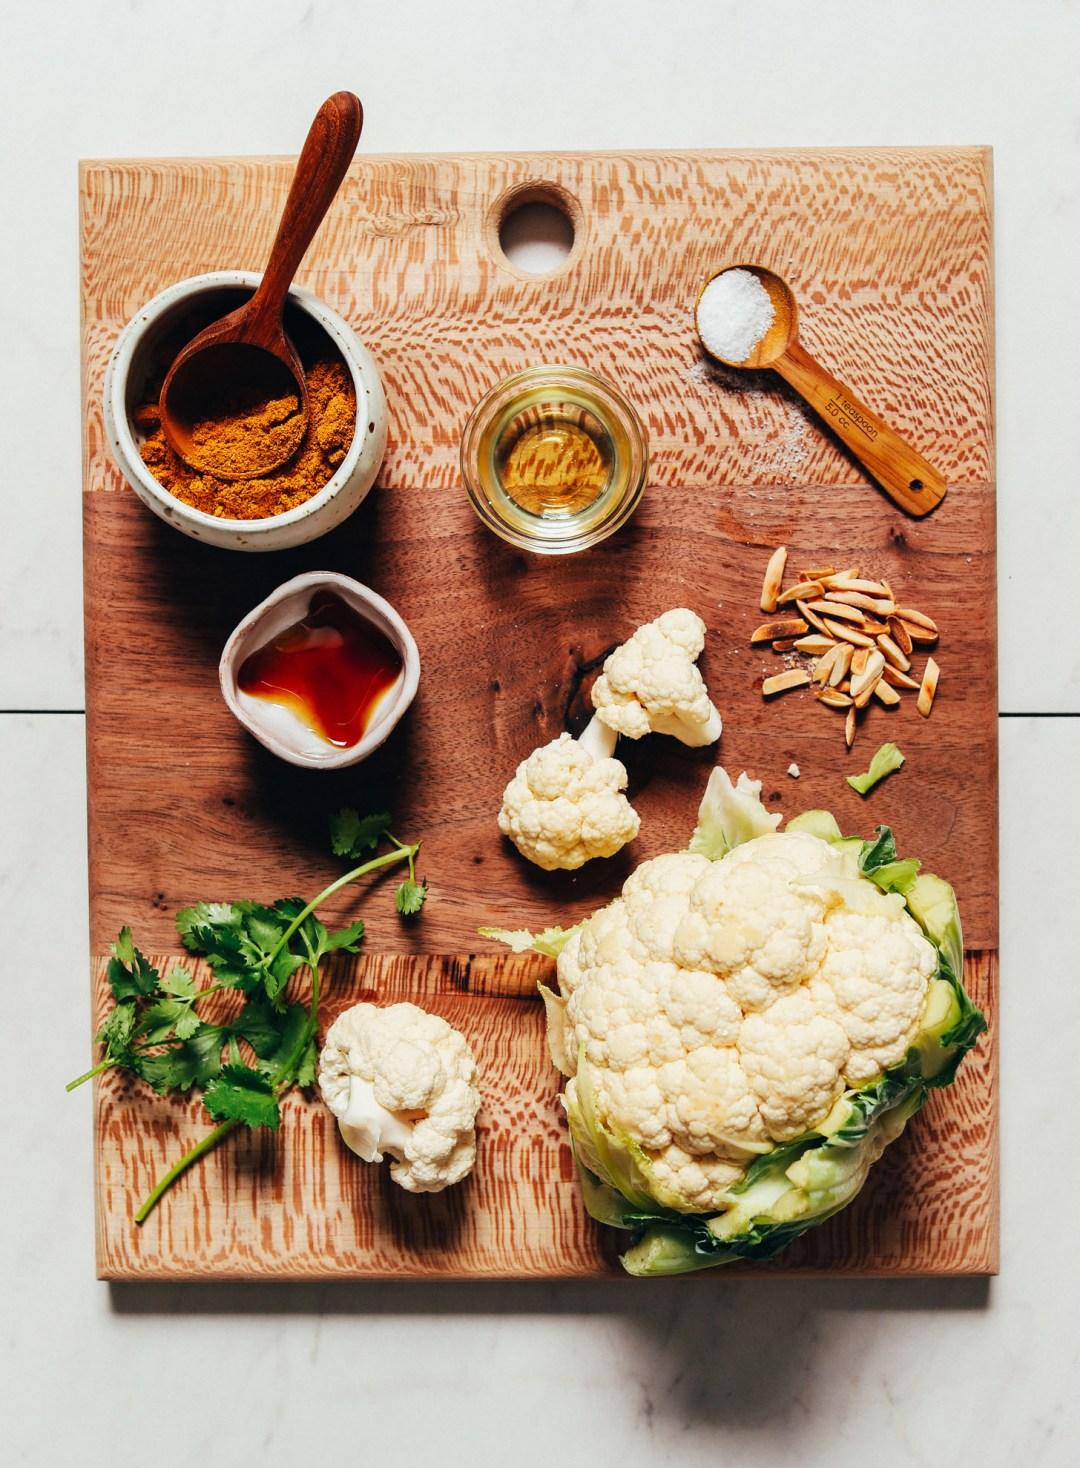 Tabla de cortar de madera con ingredientes para hacer nuestra receta de coliflor crujiente rápida